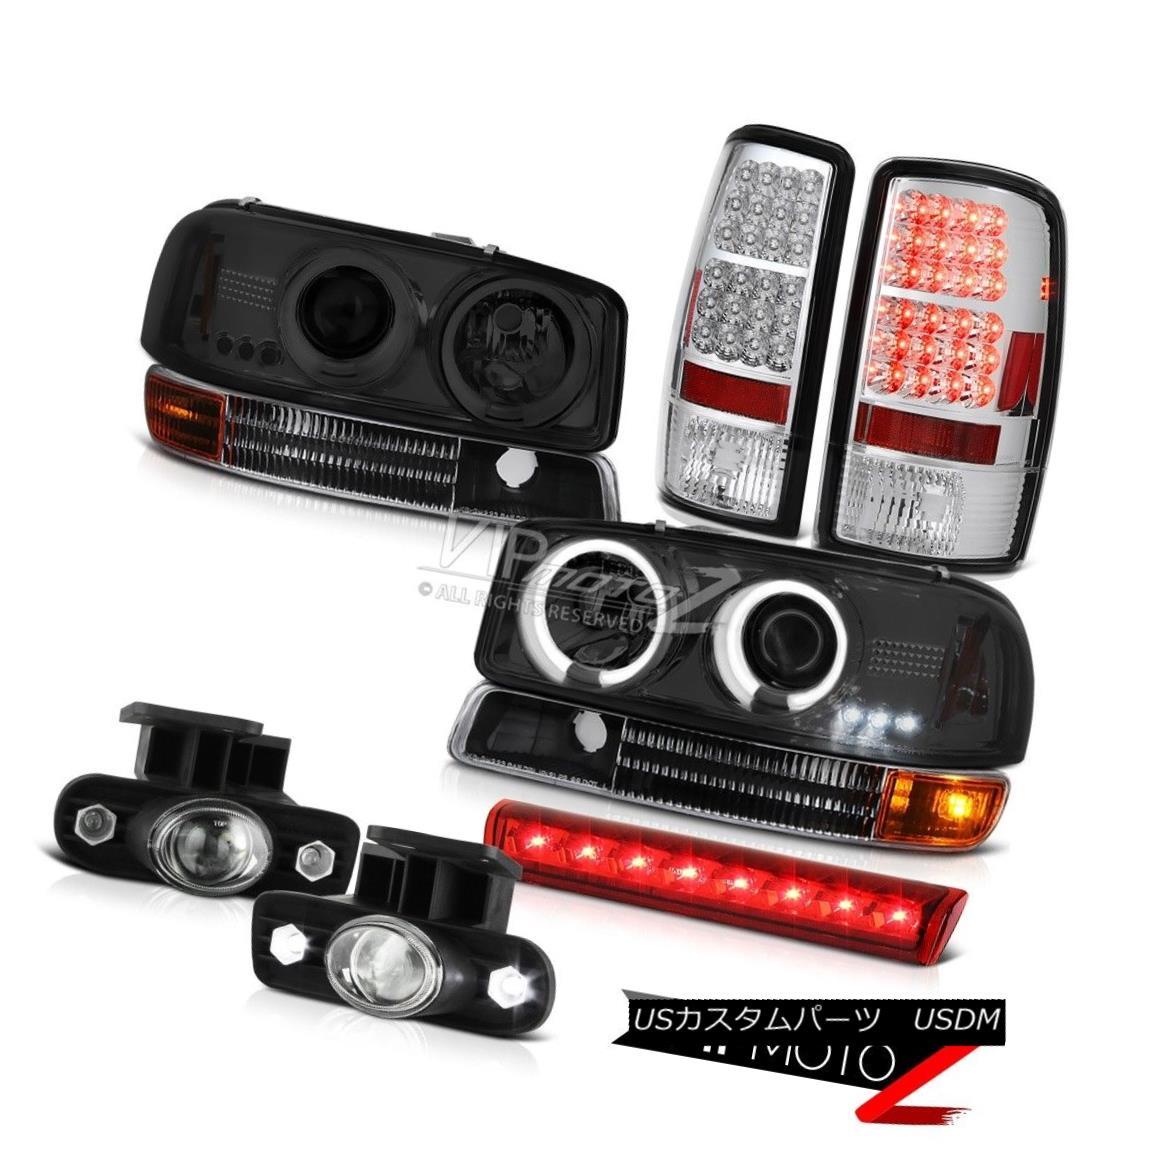 ヘッドライト 00-06 Yukon XL CCFL Angel Eye Headlights Tail Lamps FogLights 3rd Brake Red LED 00-06ユーコンXL CCFLエンジェルアイヘッドライトテールランプFogLights第3ブレーキ赤色LED